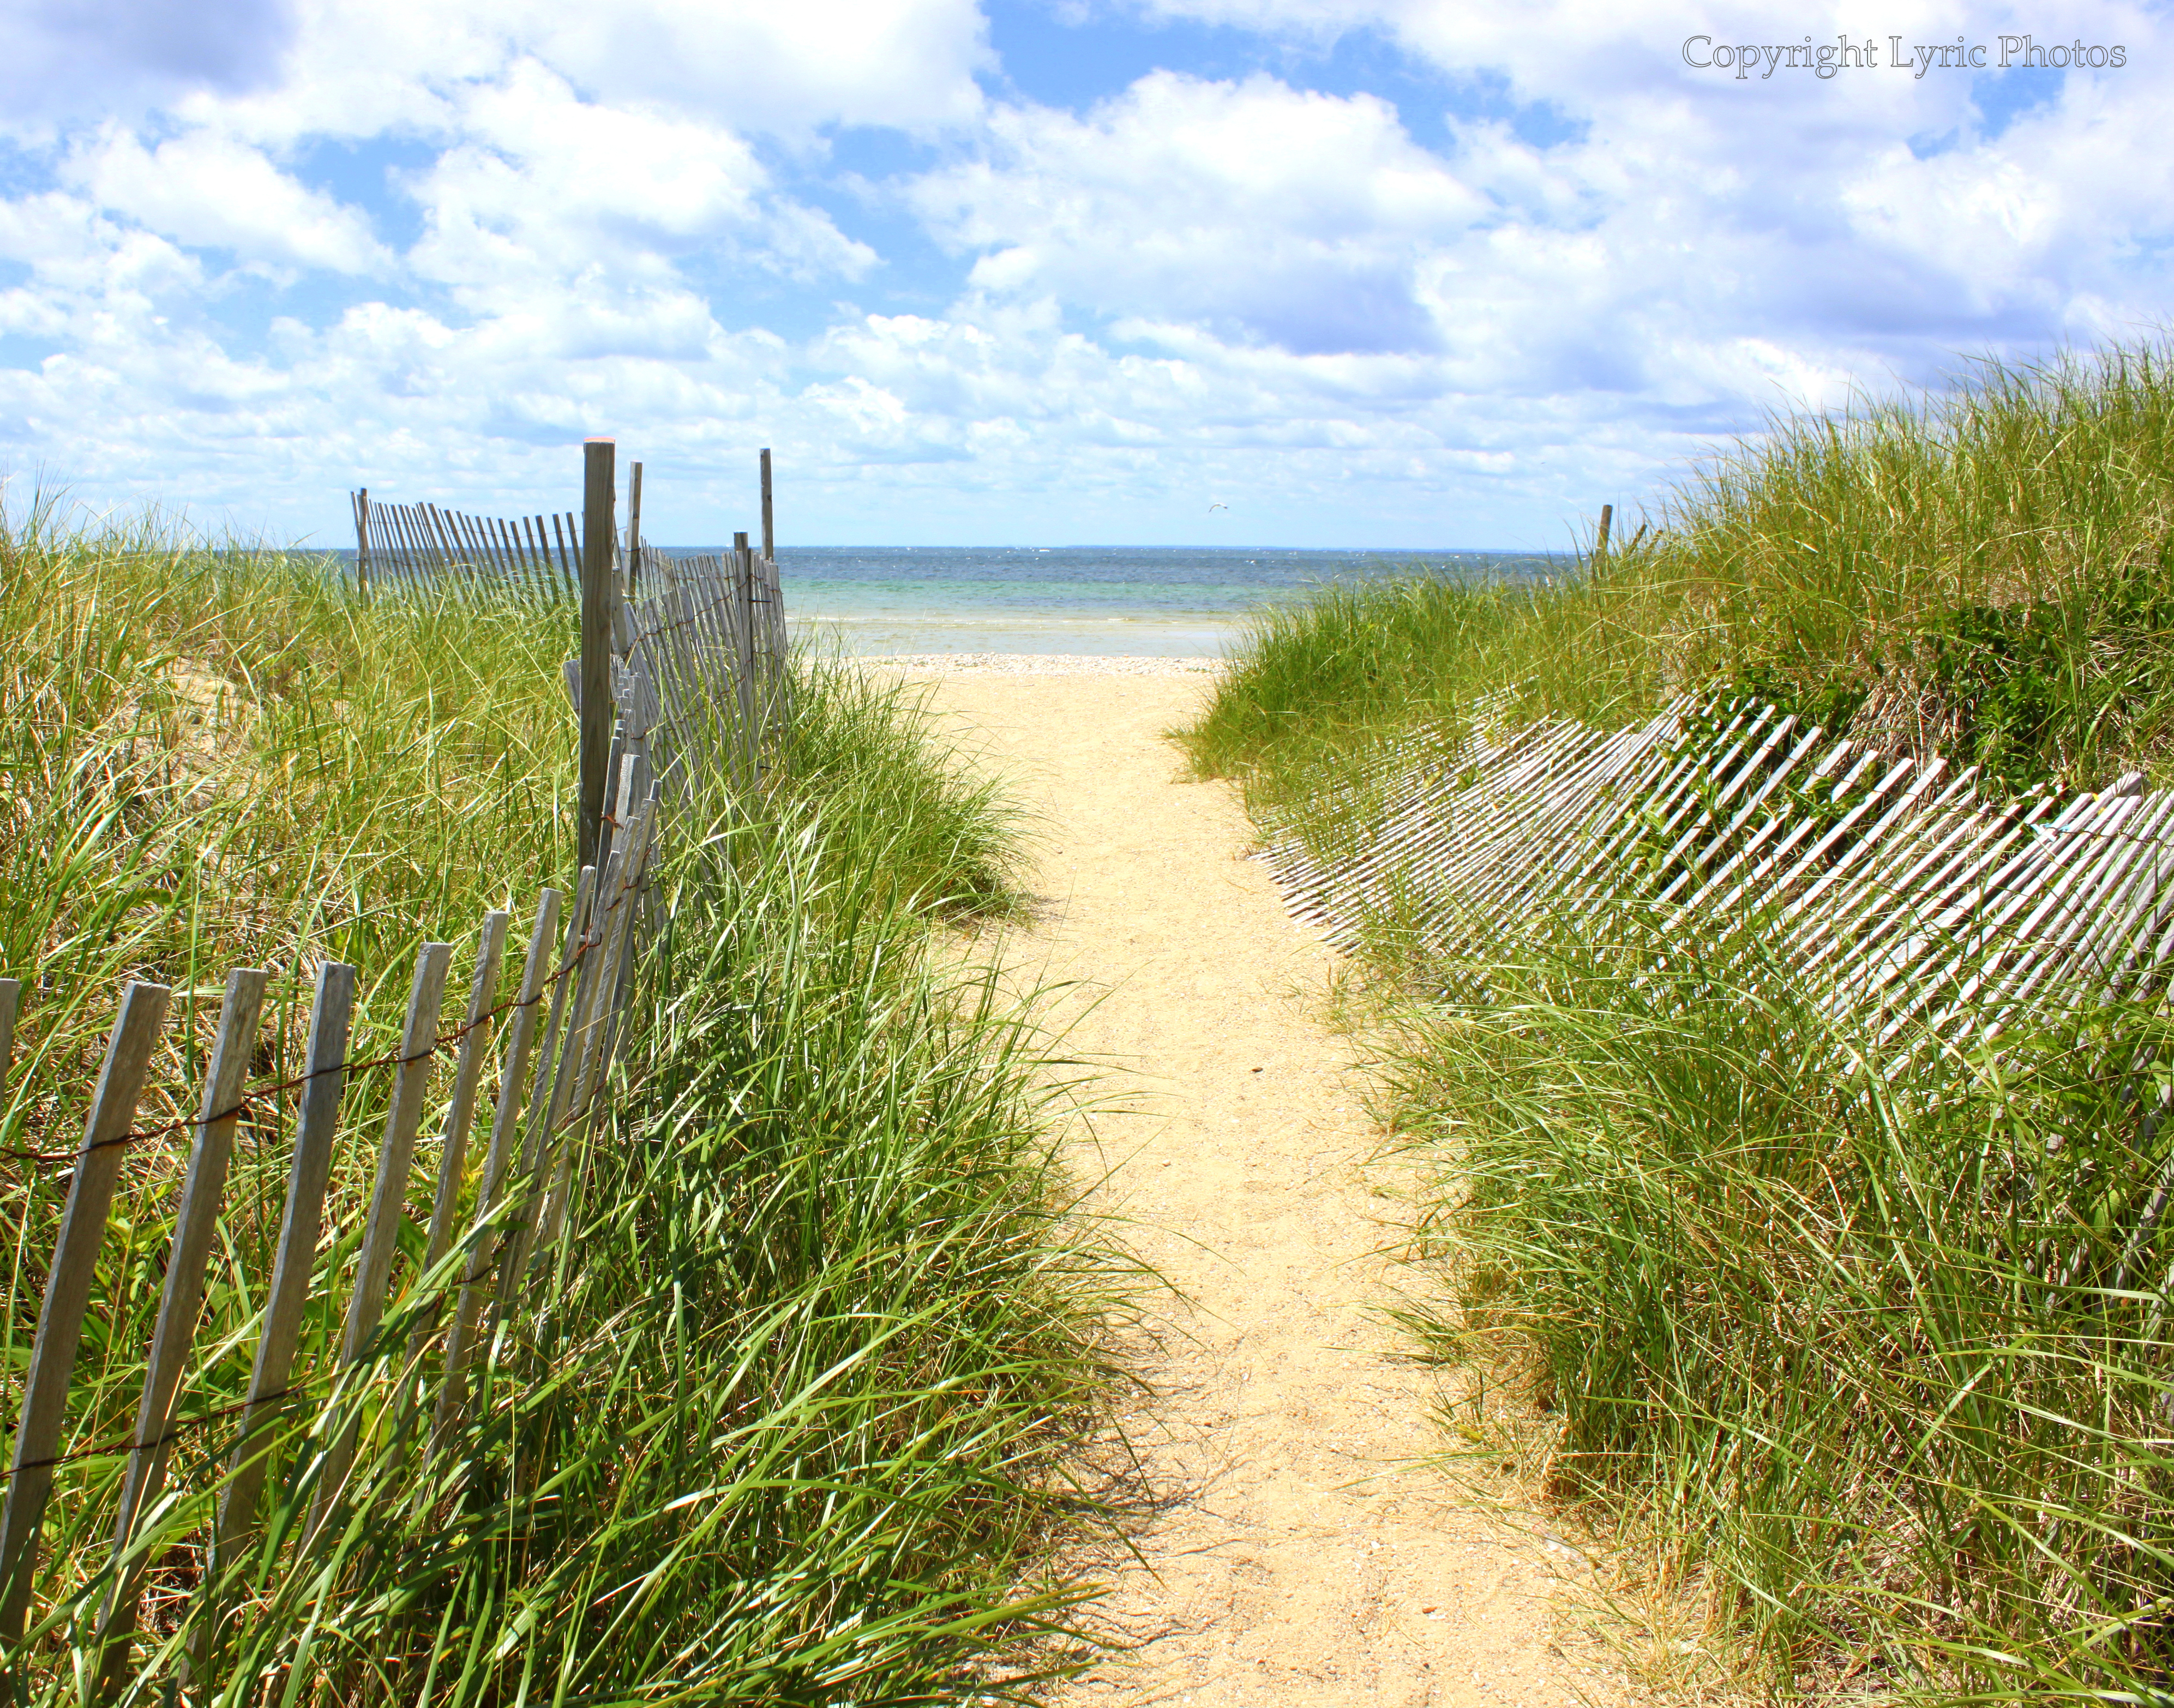 Sippewissett beach dune photograph